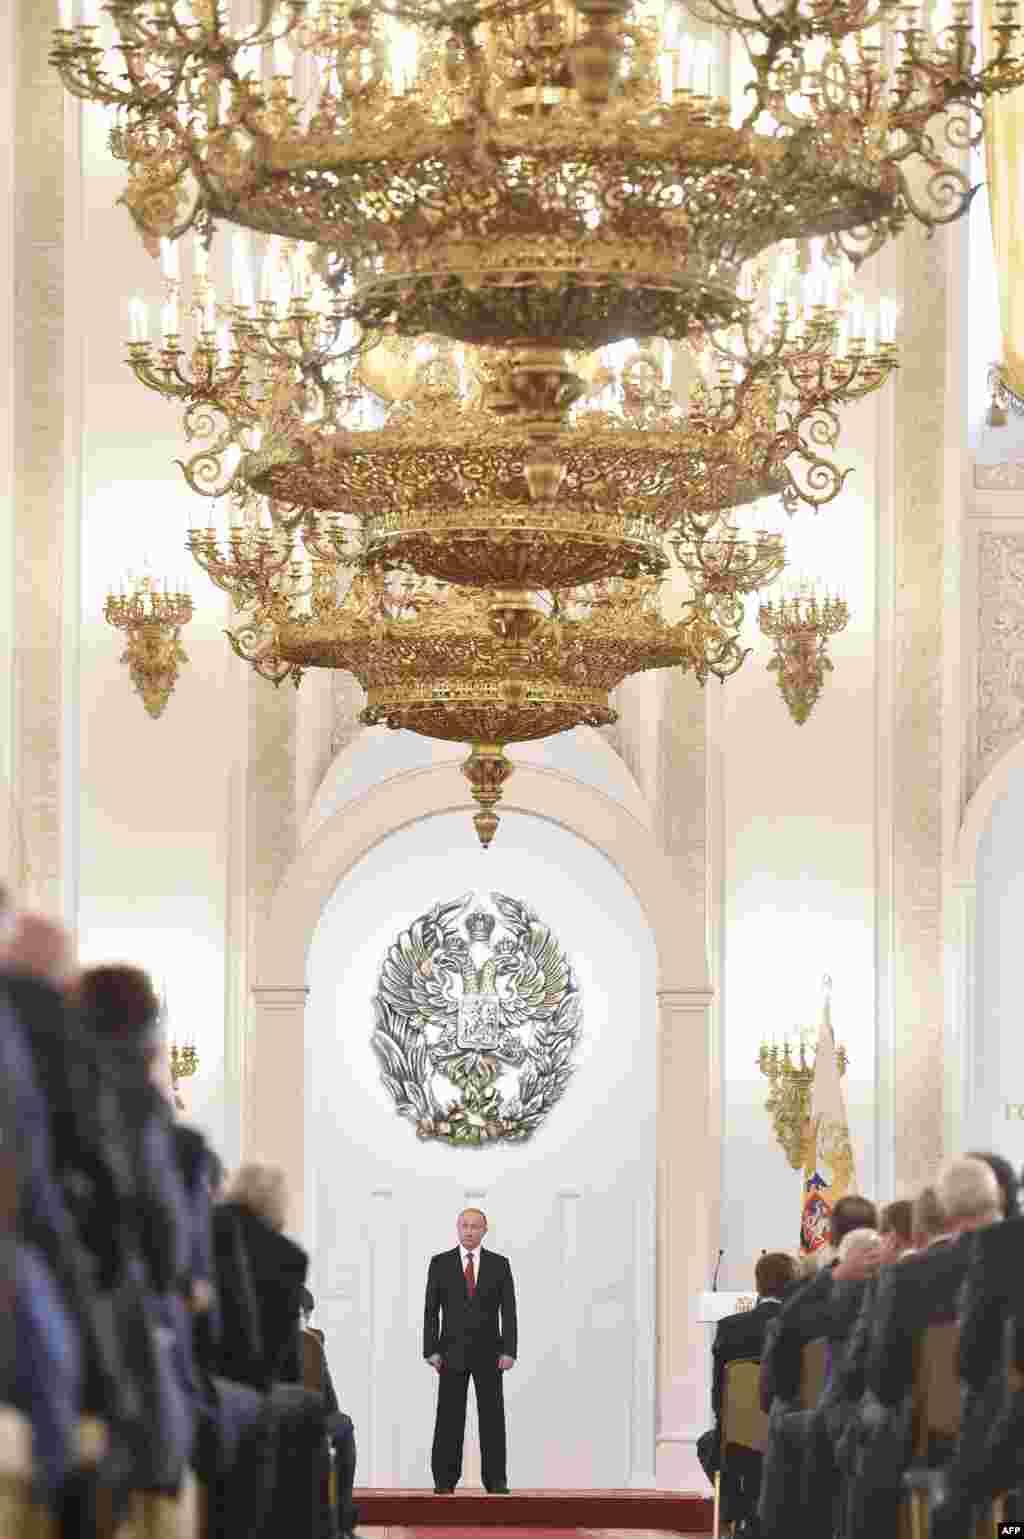 លោក Vladimir Putin ប្រធានាធិបតីរុស្ស៊ីស្ថិតក្នុងពិធីបុណ្យប្រគល់រង្វាន់ State Prize ដើម្បីអបអរបុណ្យឯករាជ្យជាតិរបស់រុស្ស៊ី នៅវិមាន Grand Kremlin ក្នុងក្រុងមូស្គូ។